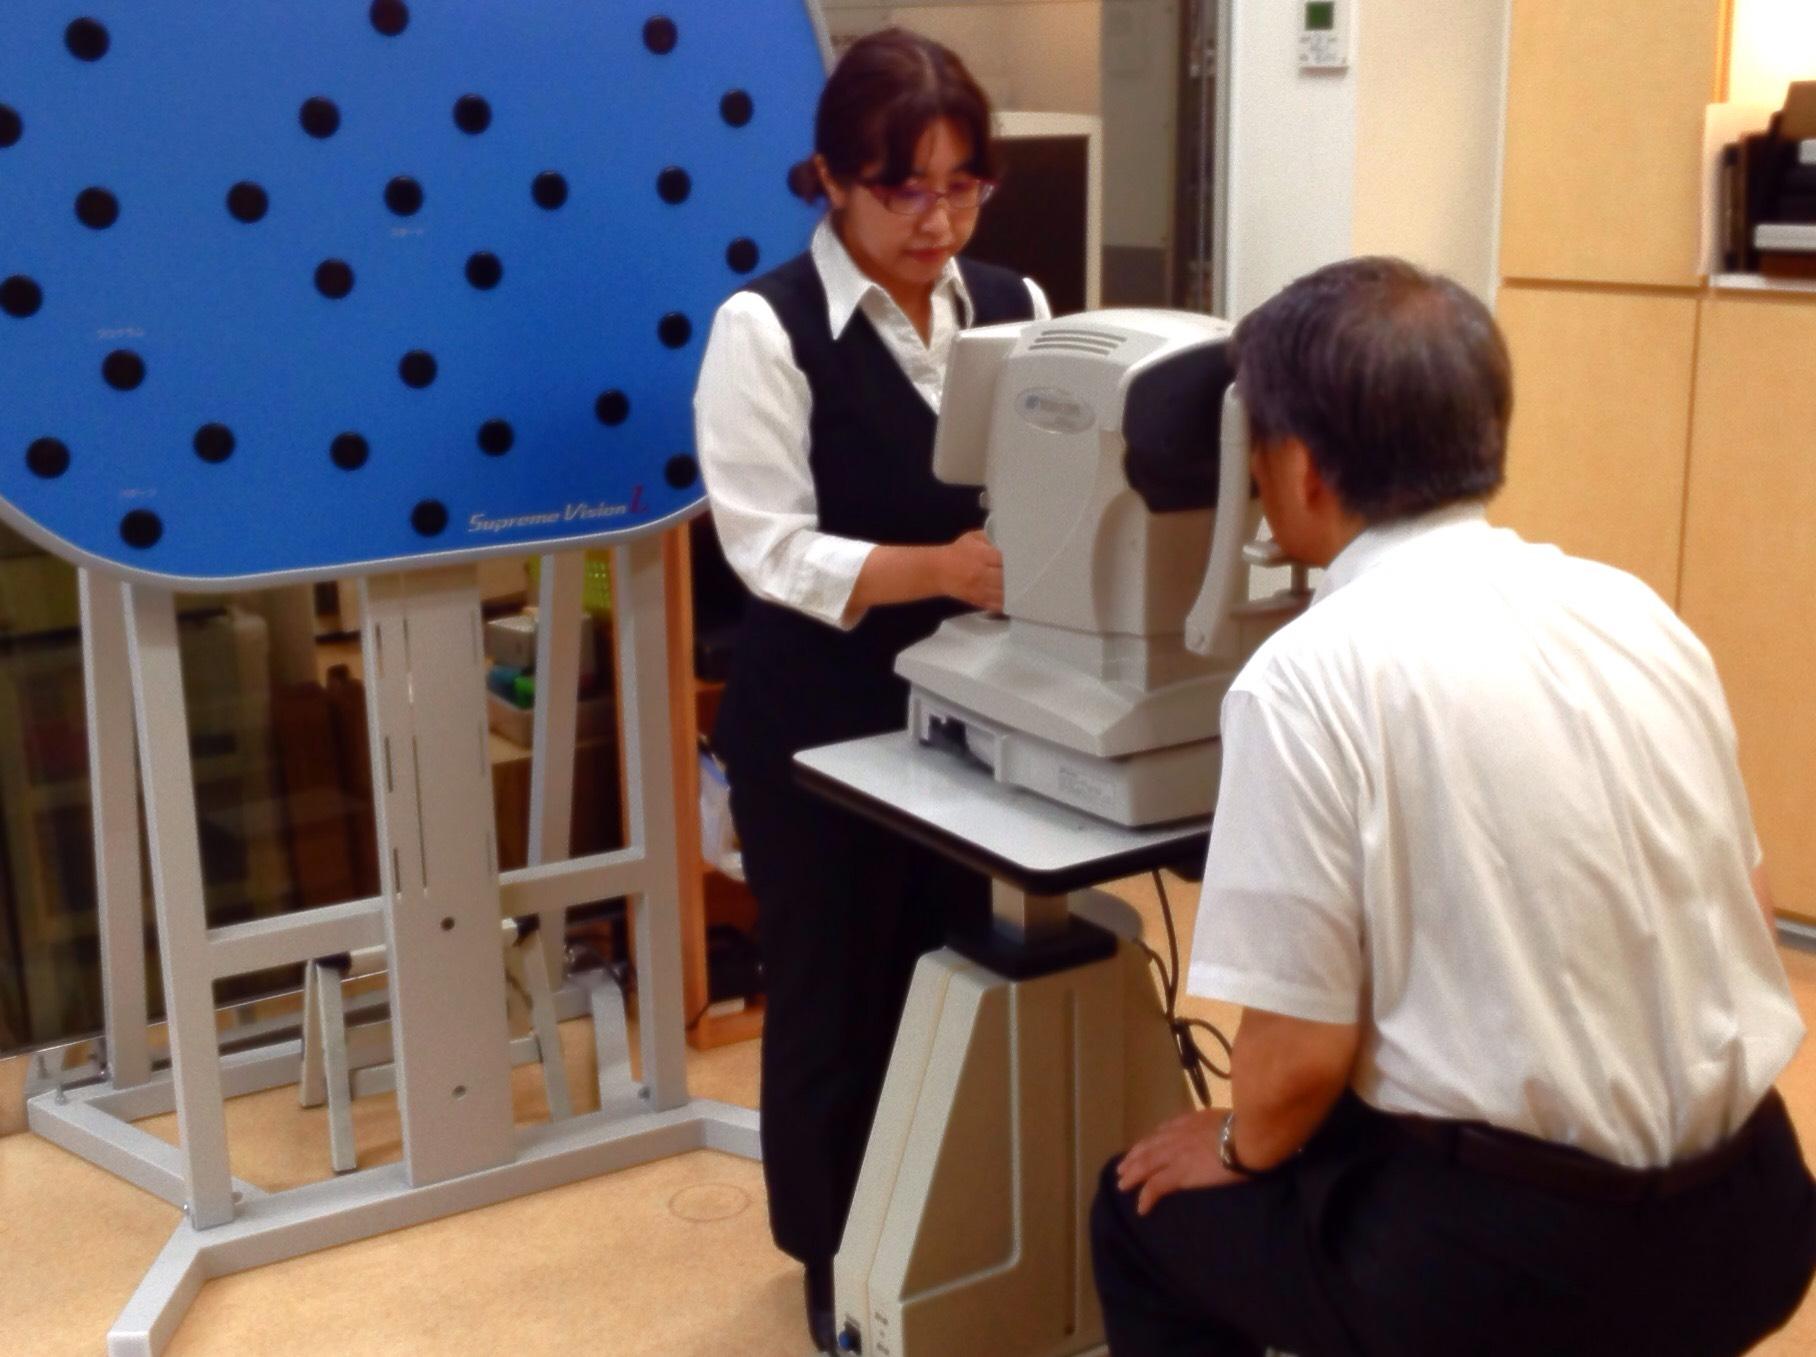 メガネのサトー 夏の目と耳の健康フェア ルテイン測定 パーソナルカラー診断